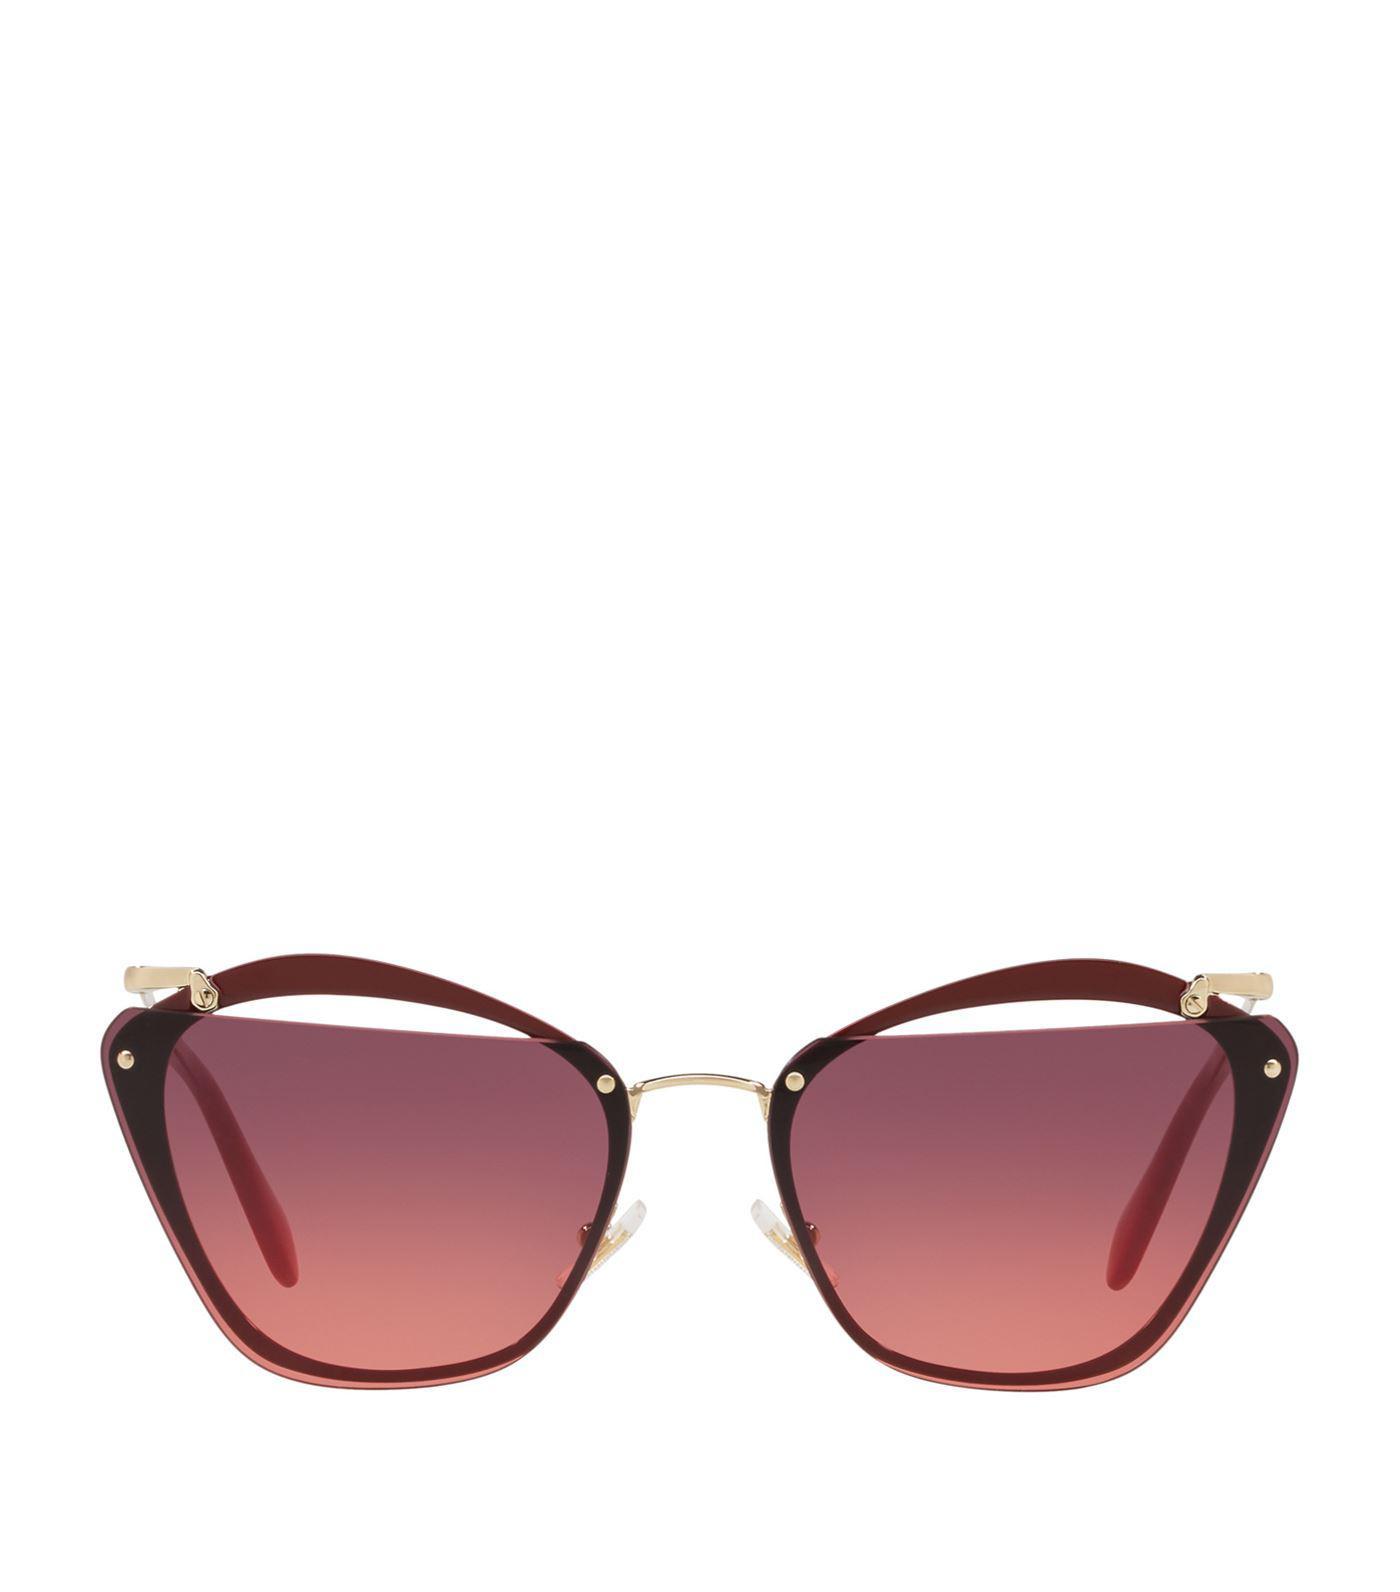 f8940d1e1a7 Miu Miu Oval Sunglasses in Red - Lyst